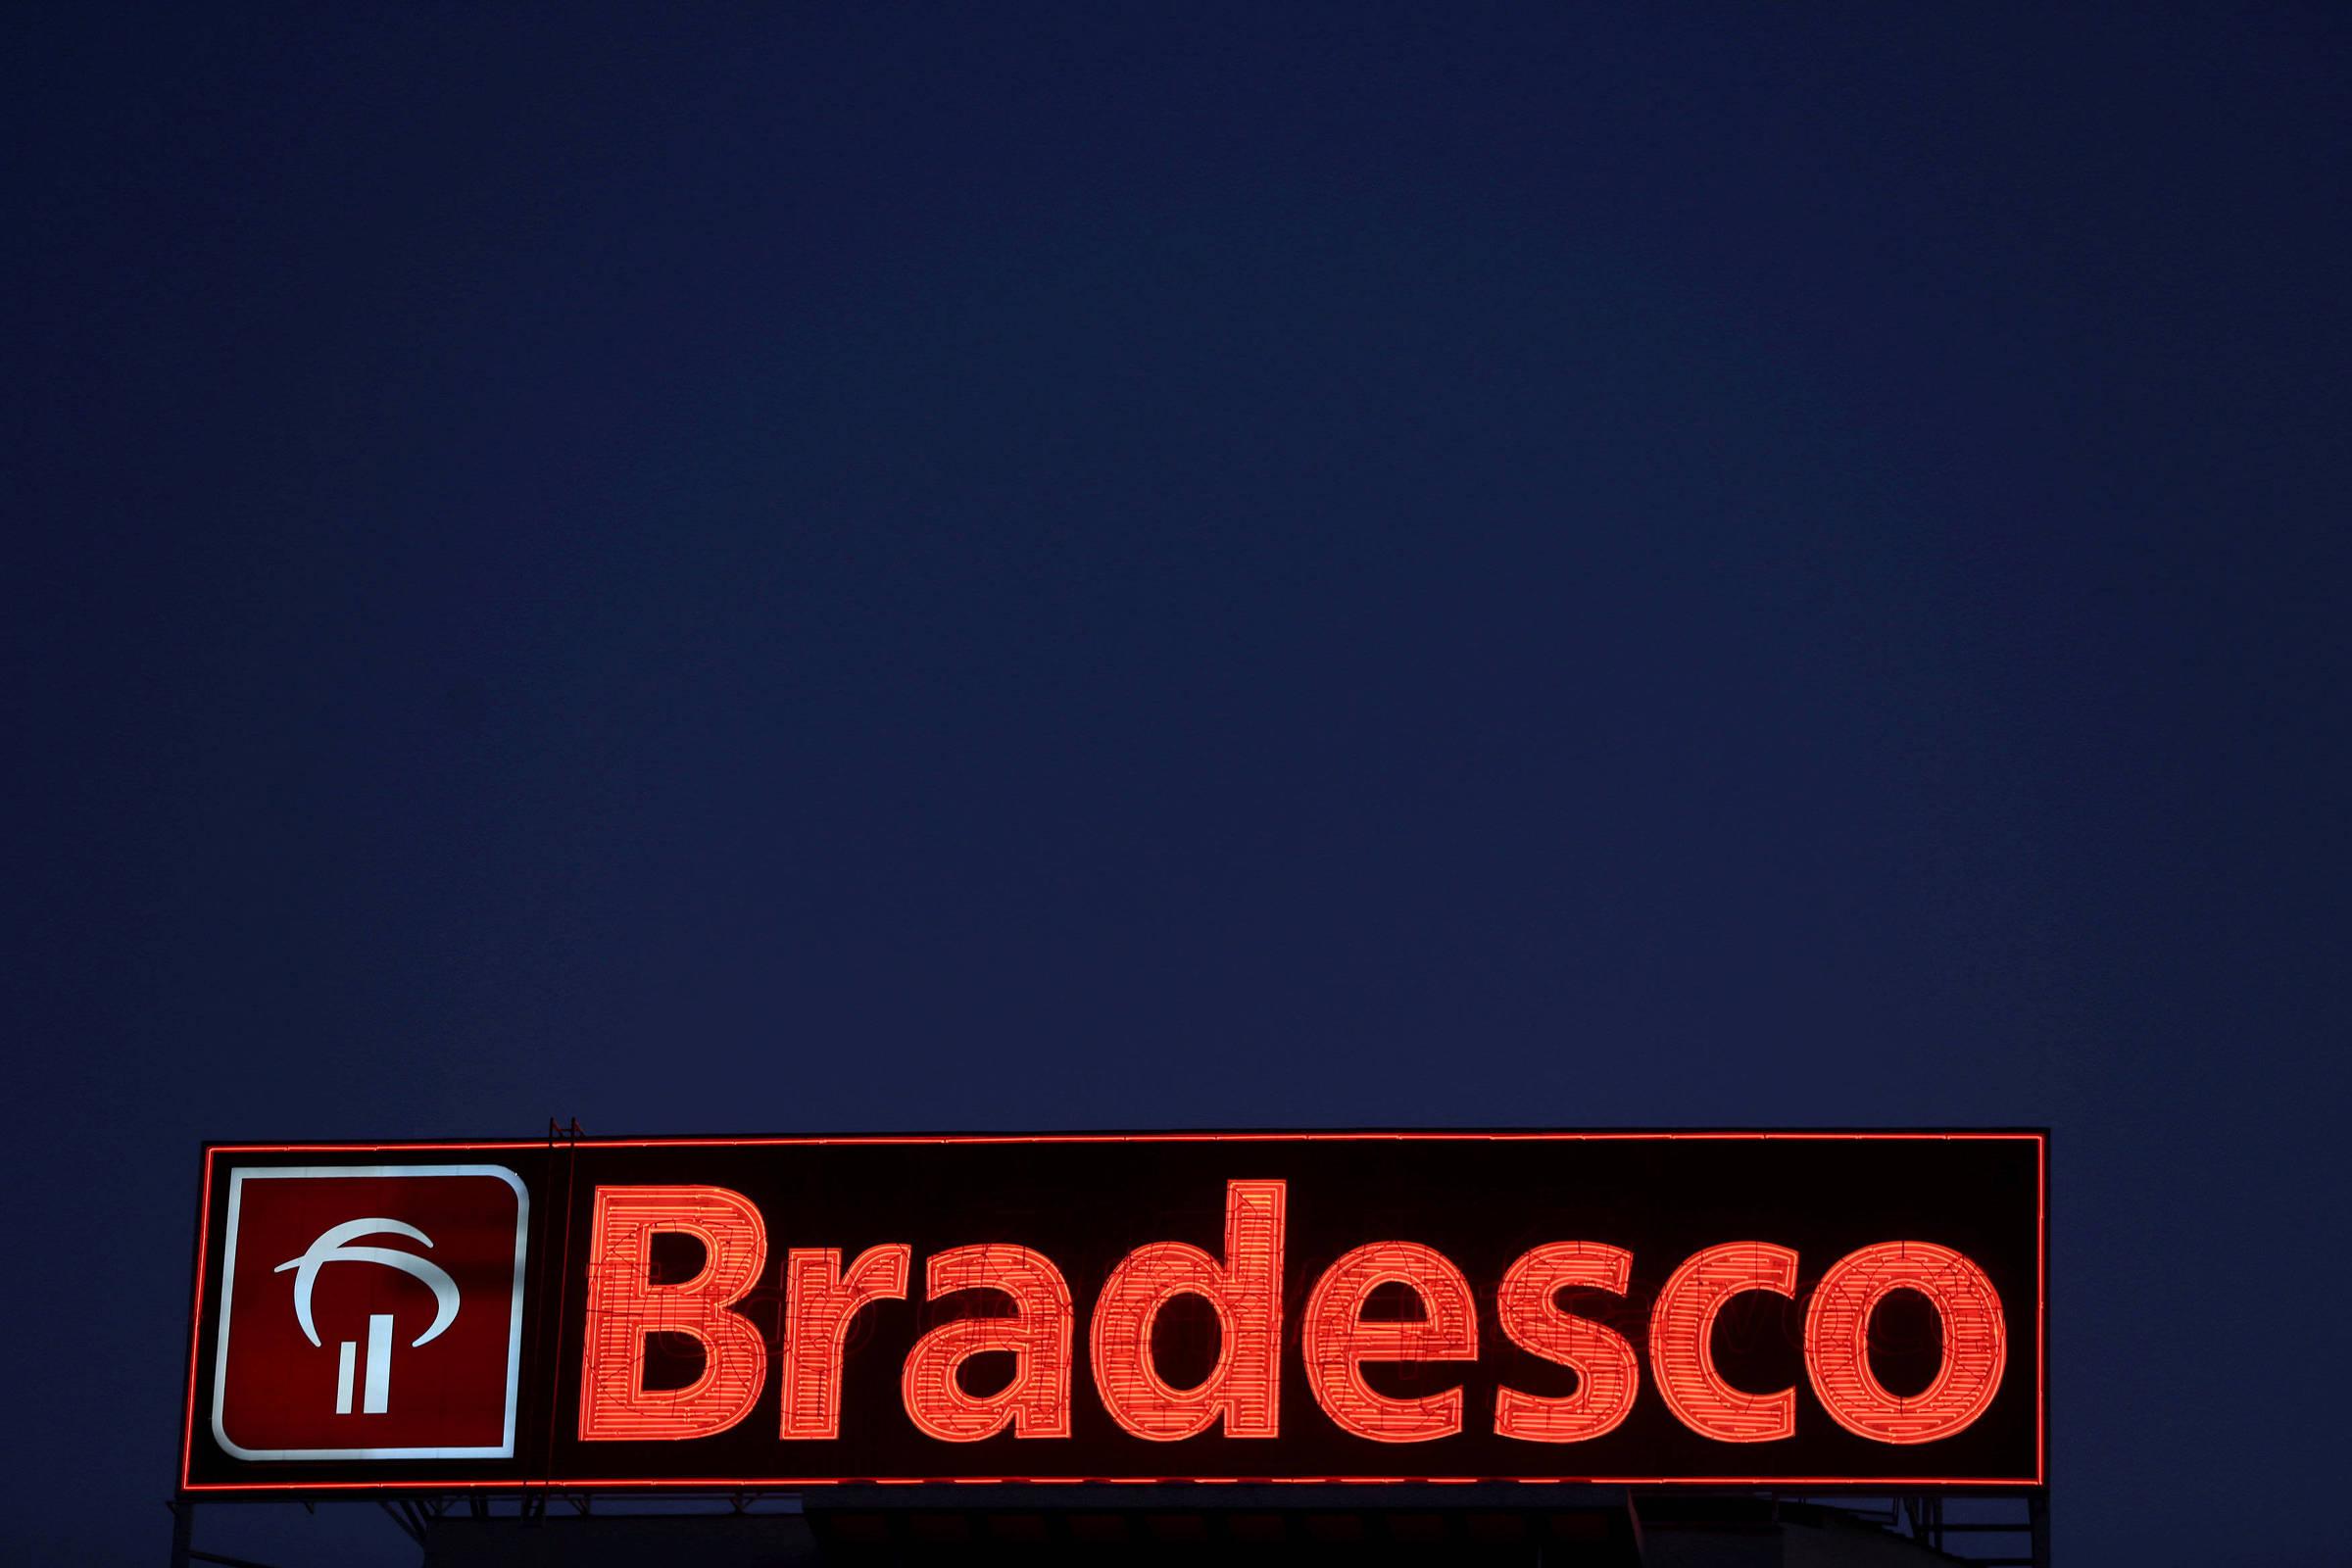 La aplicación de Bradesco vuelve a fallar este martes – 08/06/2021 – Market / Brasil